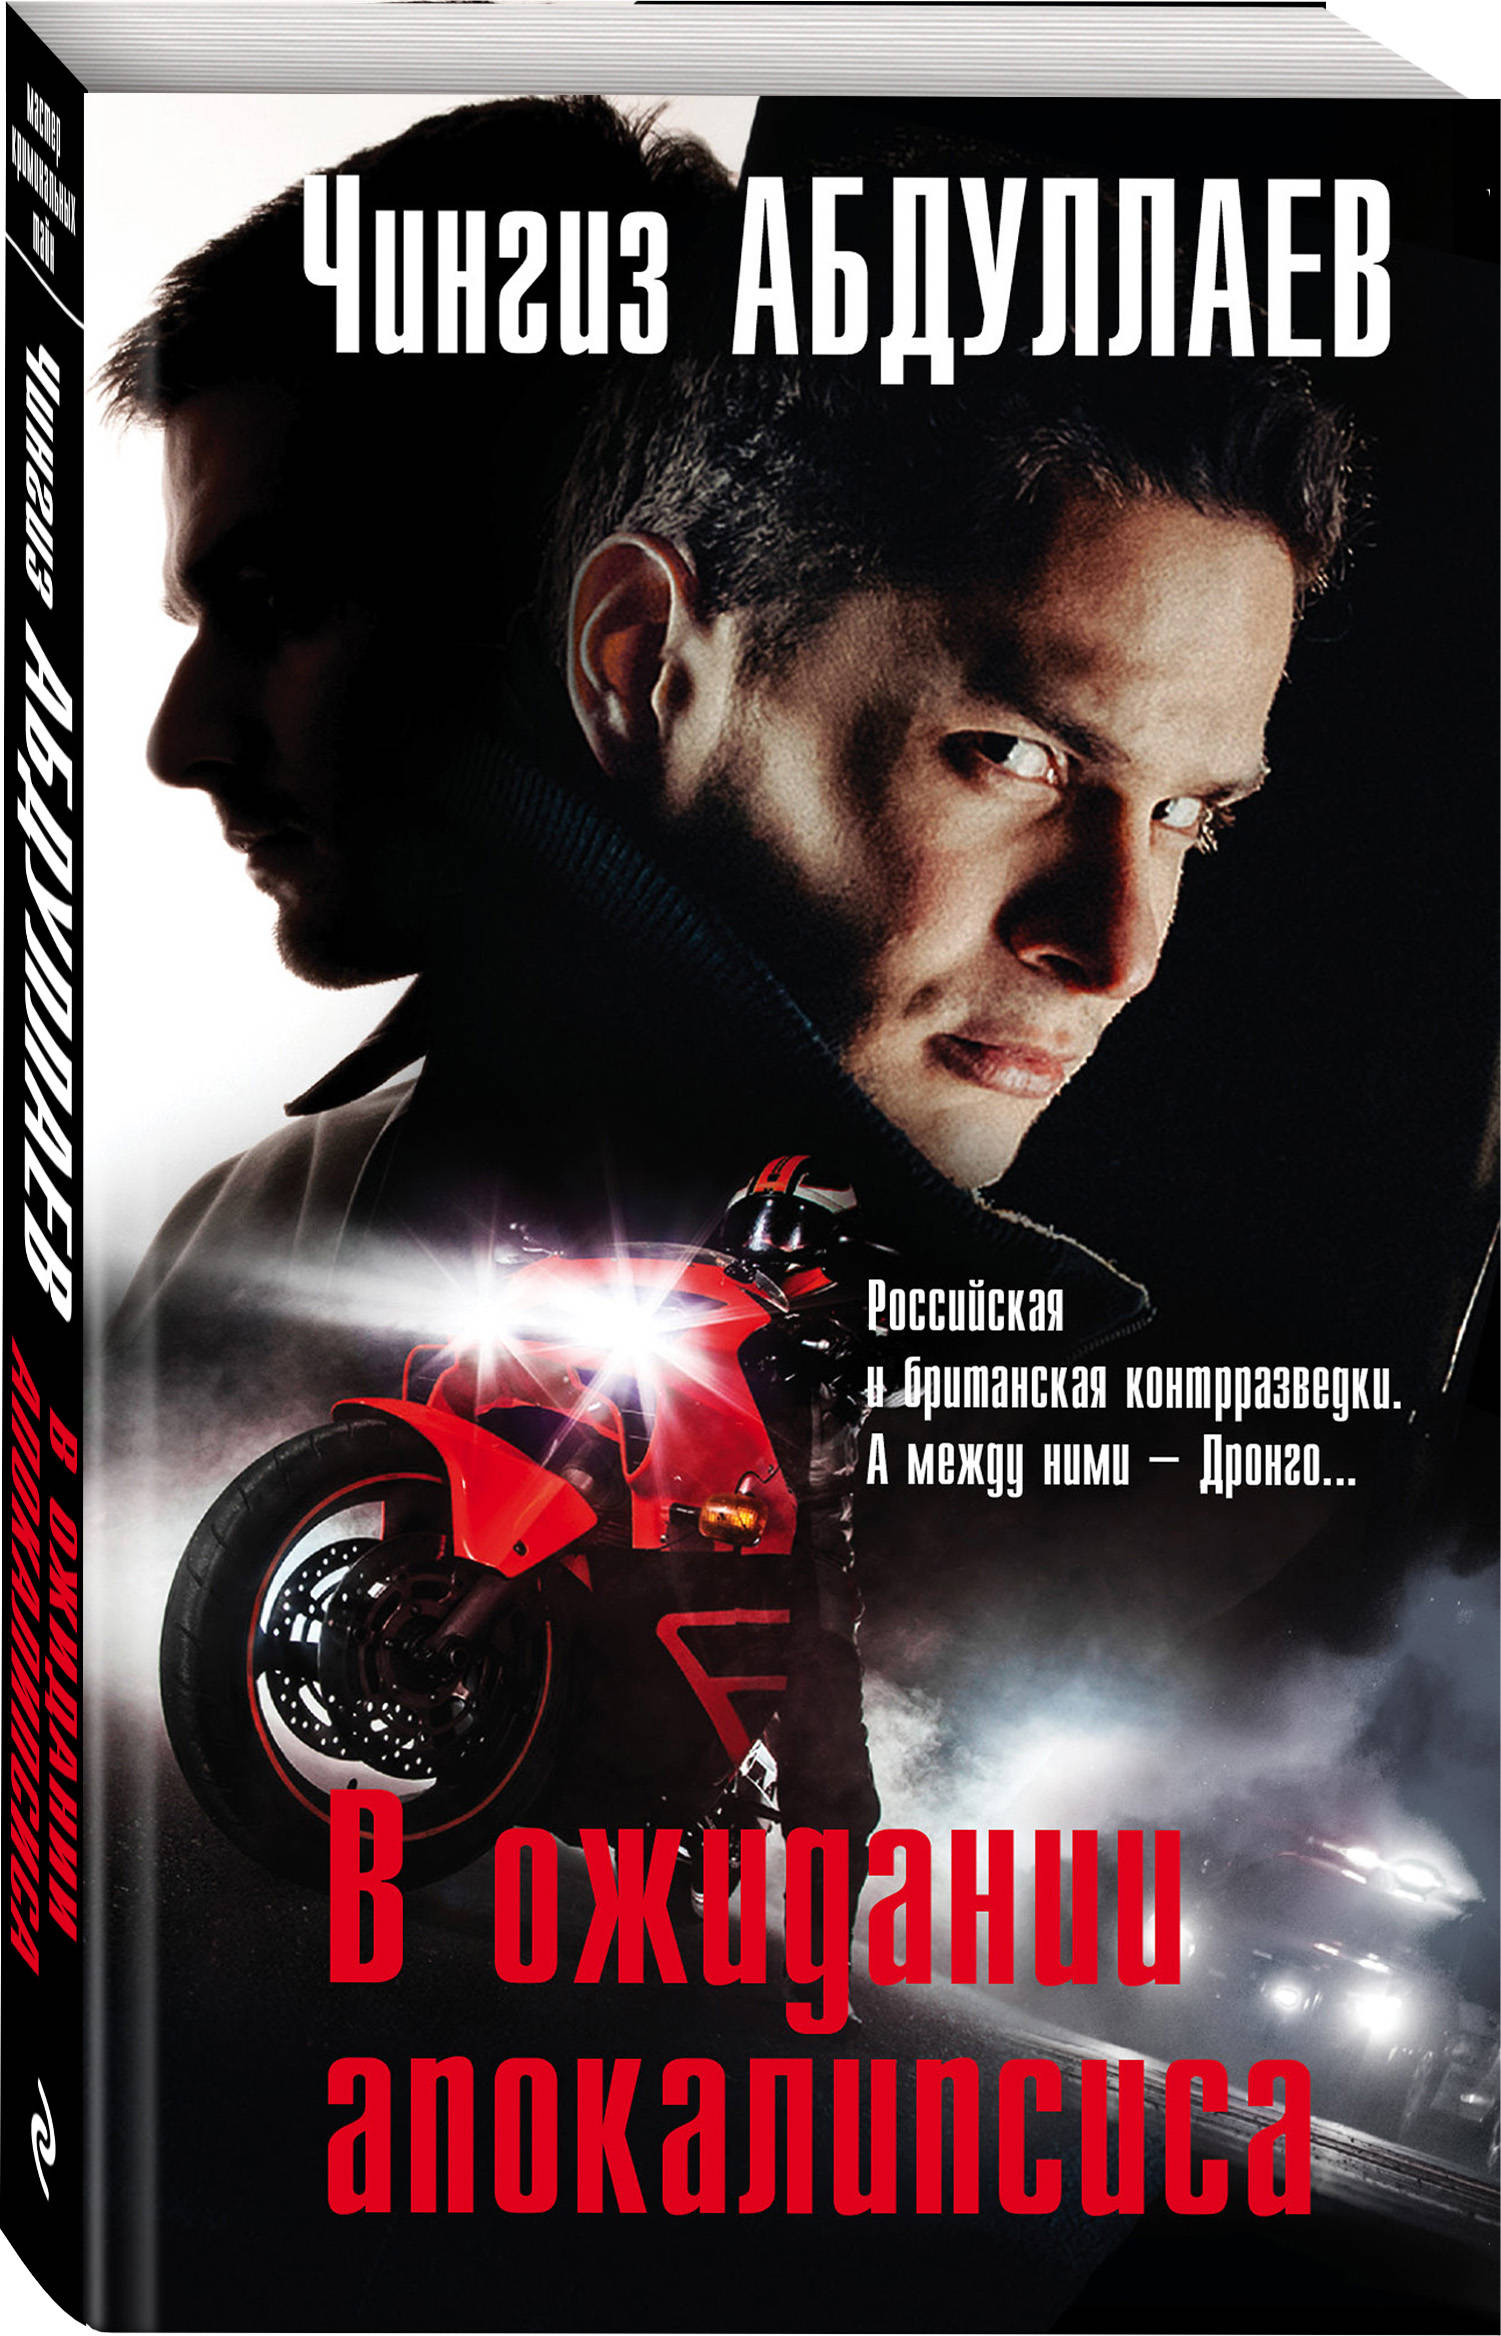 Абдуллаев Чингиз Акифович В ожидании апокалипсиса